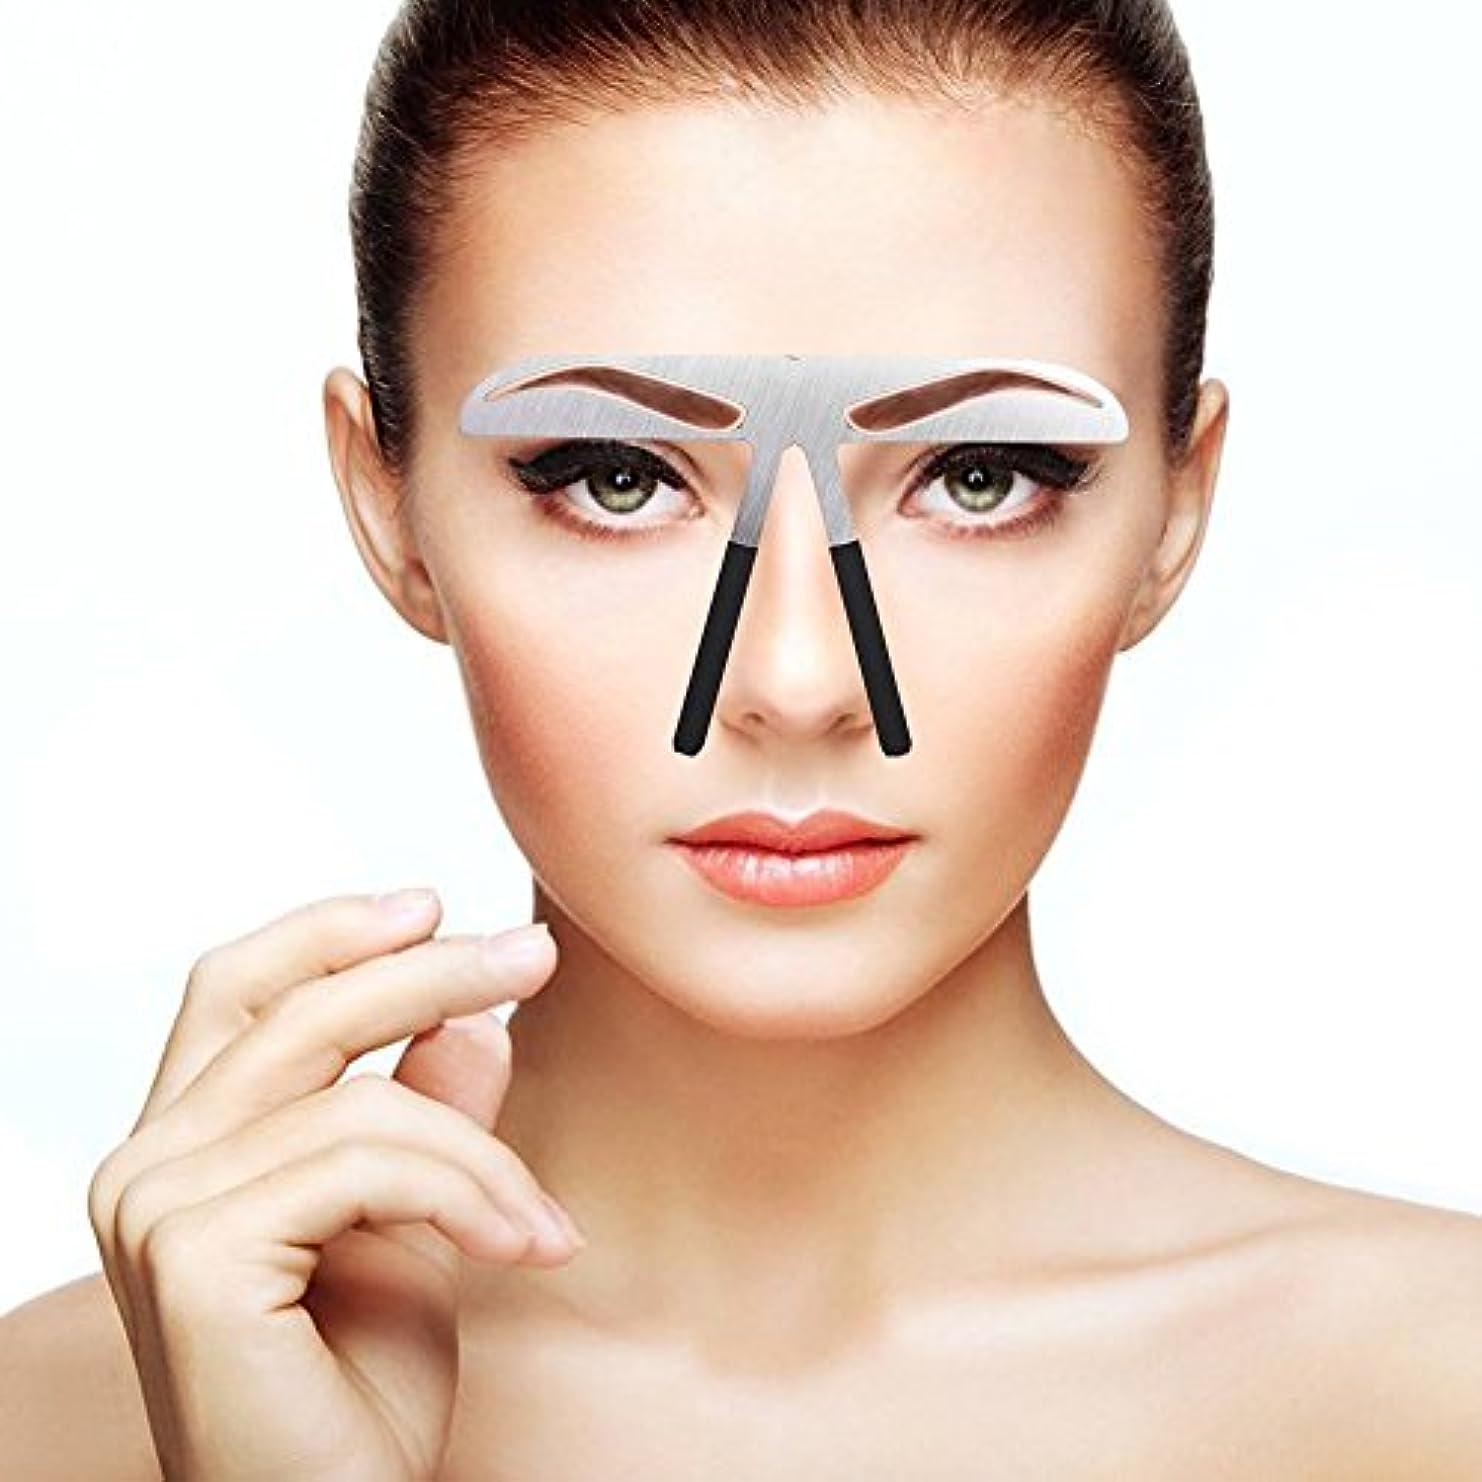 四分円もろい移行する眉毛テンプレート 眉毛の定規 メイクアップ 美容ツール アイブローテンプレート アートメイク用定規 美容用 恒久化粧ツール 左右対称 位置決め (01)